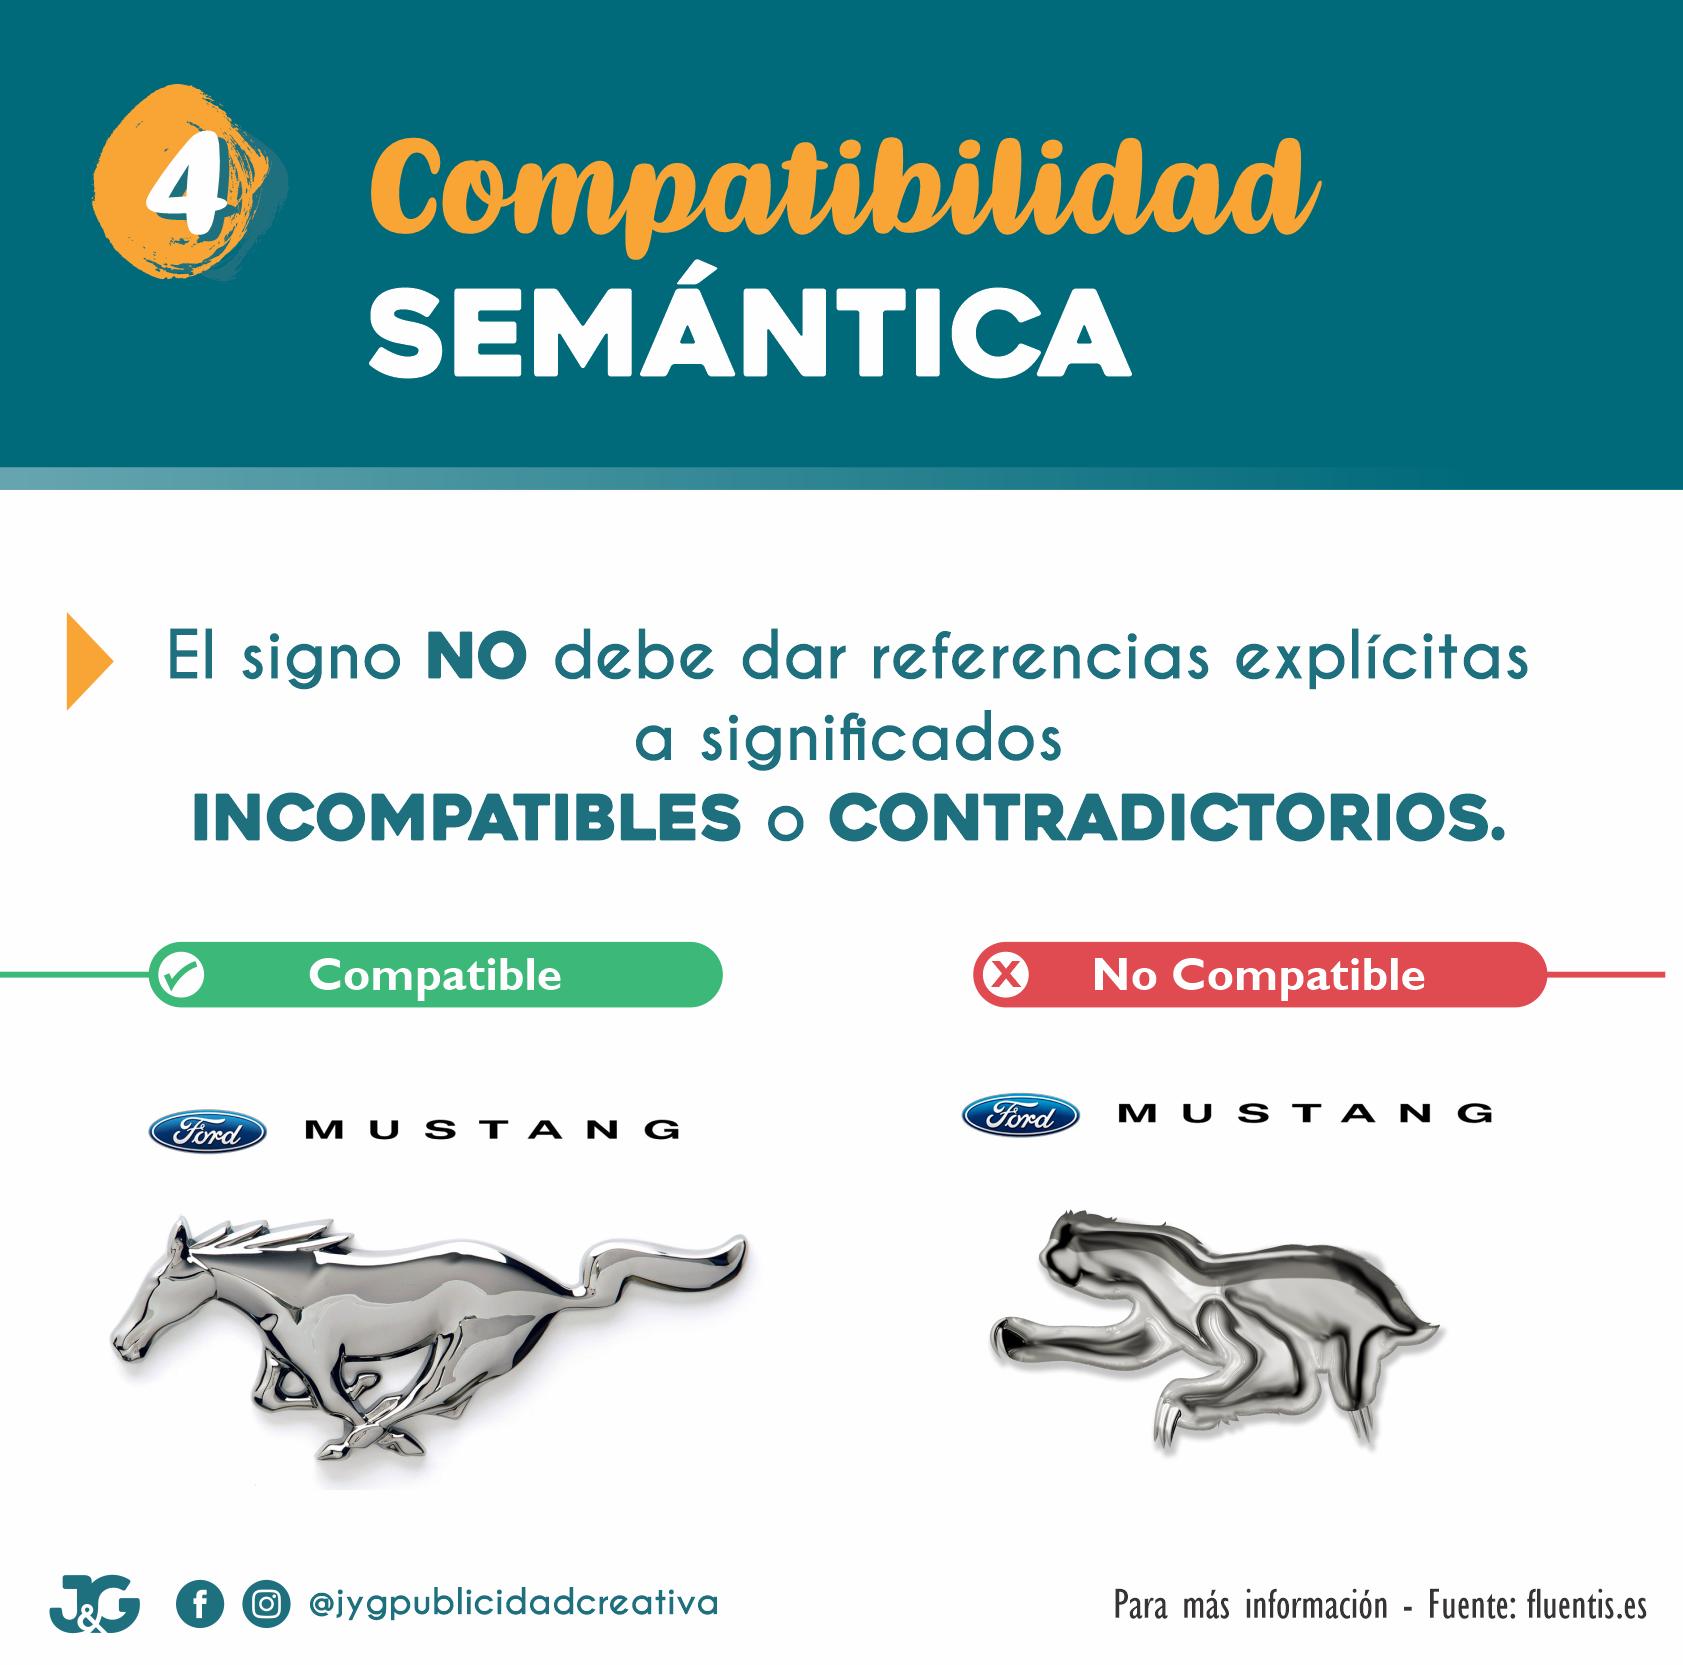 4 - Compatibilidad semántica - JyG Publicidad Creativa